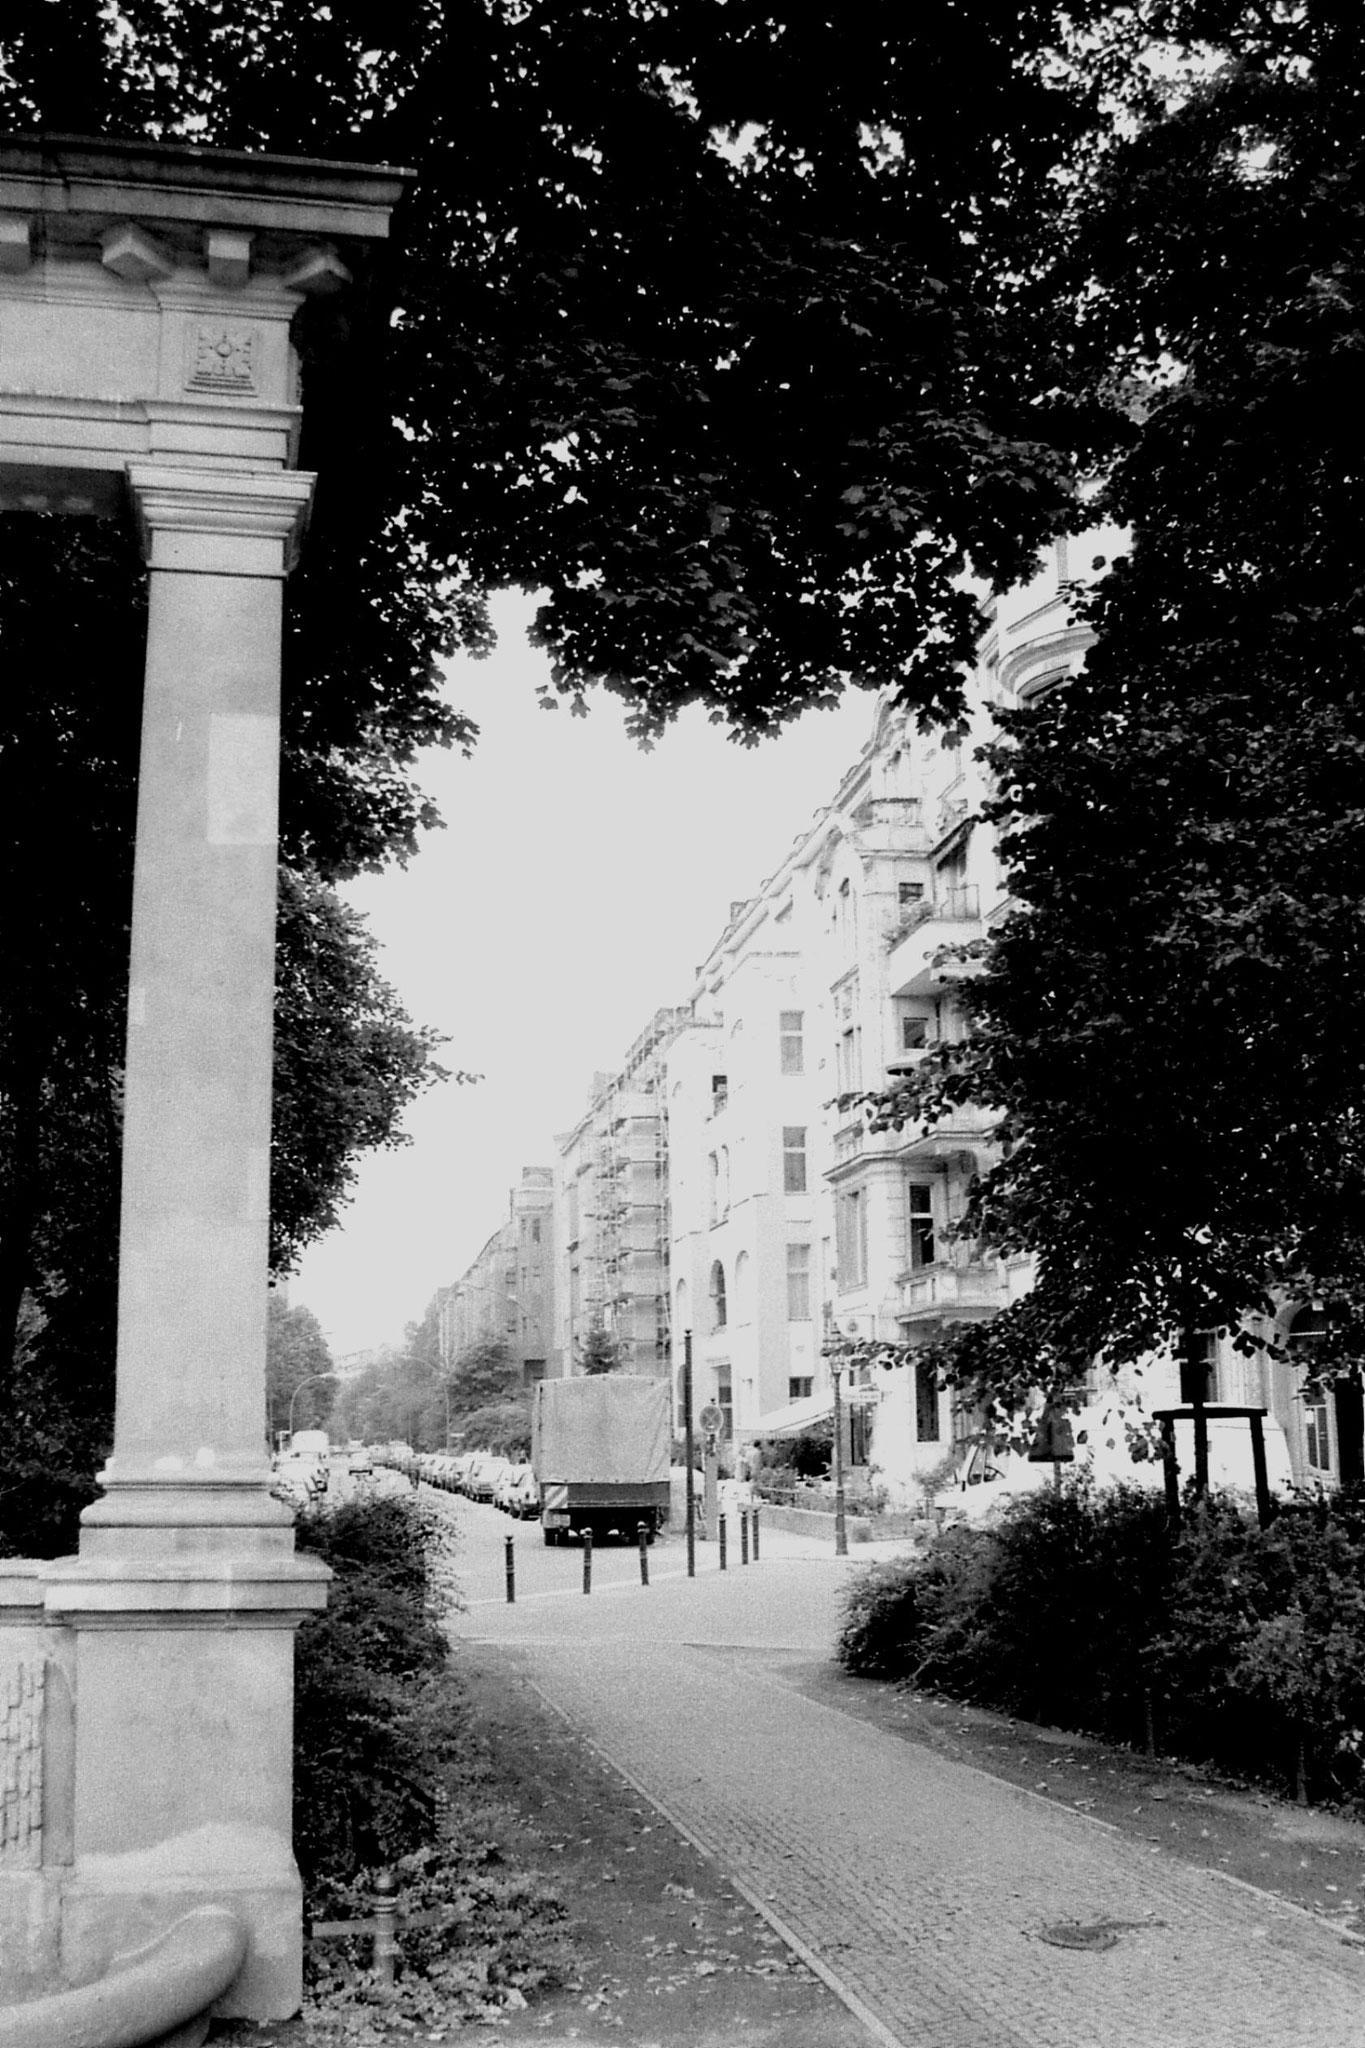 18/8/88: 4: Arndt home Berlin